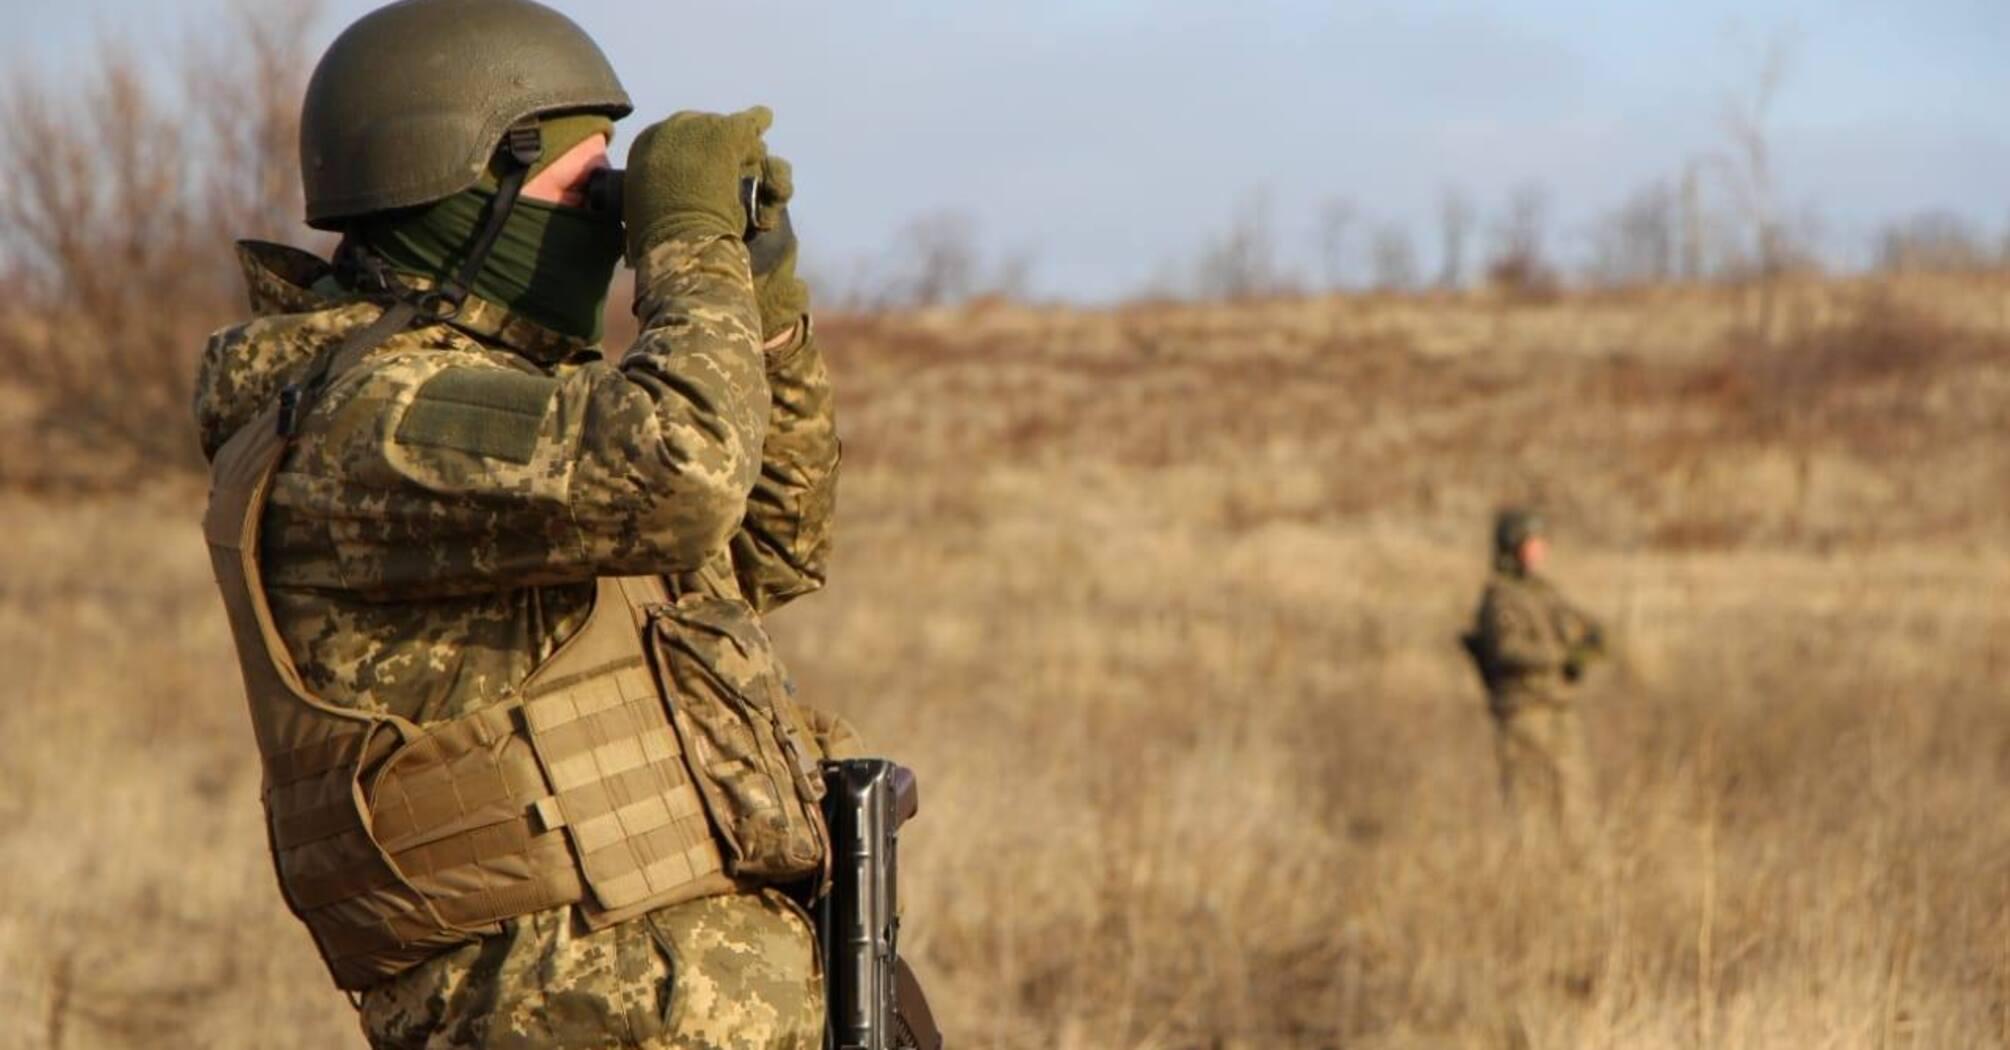 Обострение на Донбассе: десять обстрелов за сутки